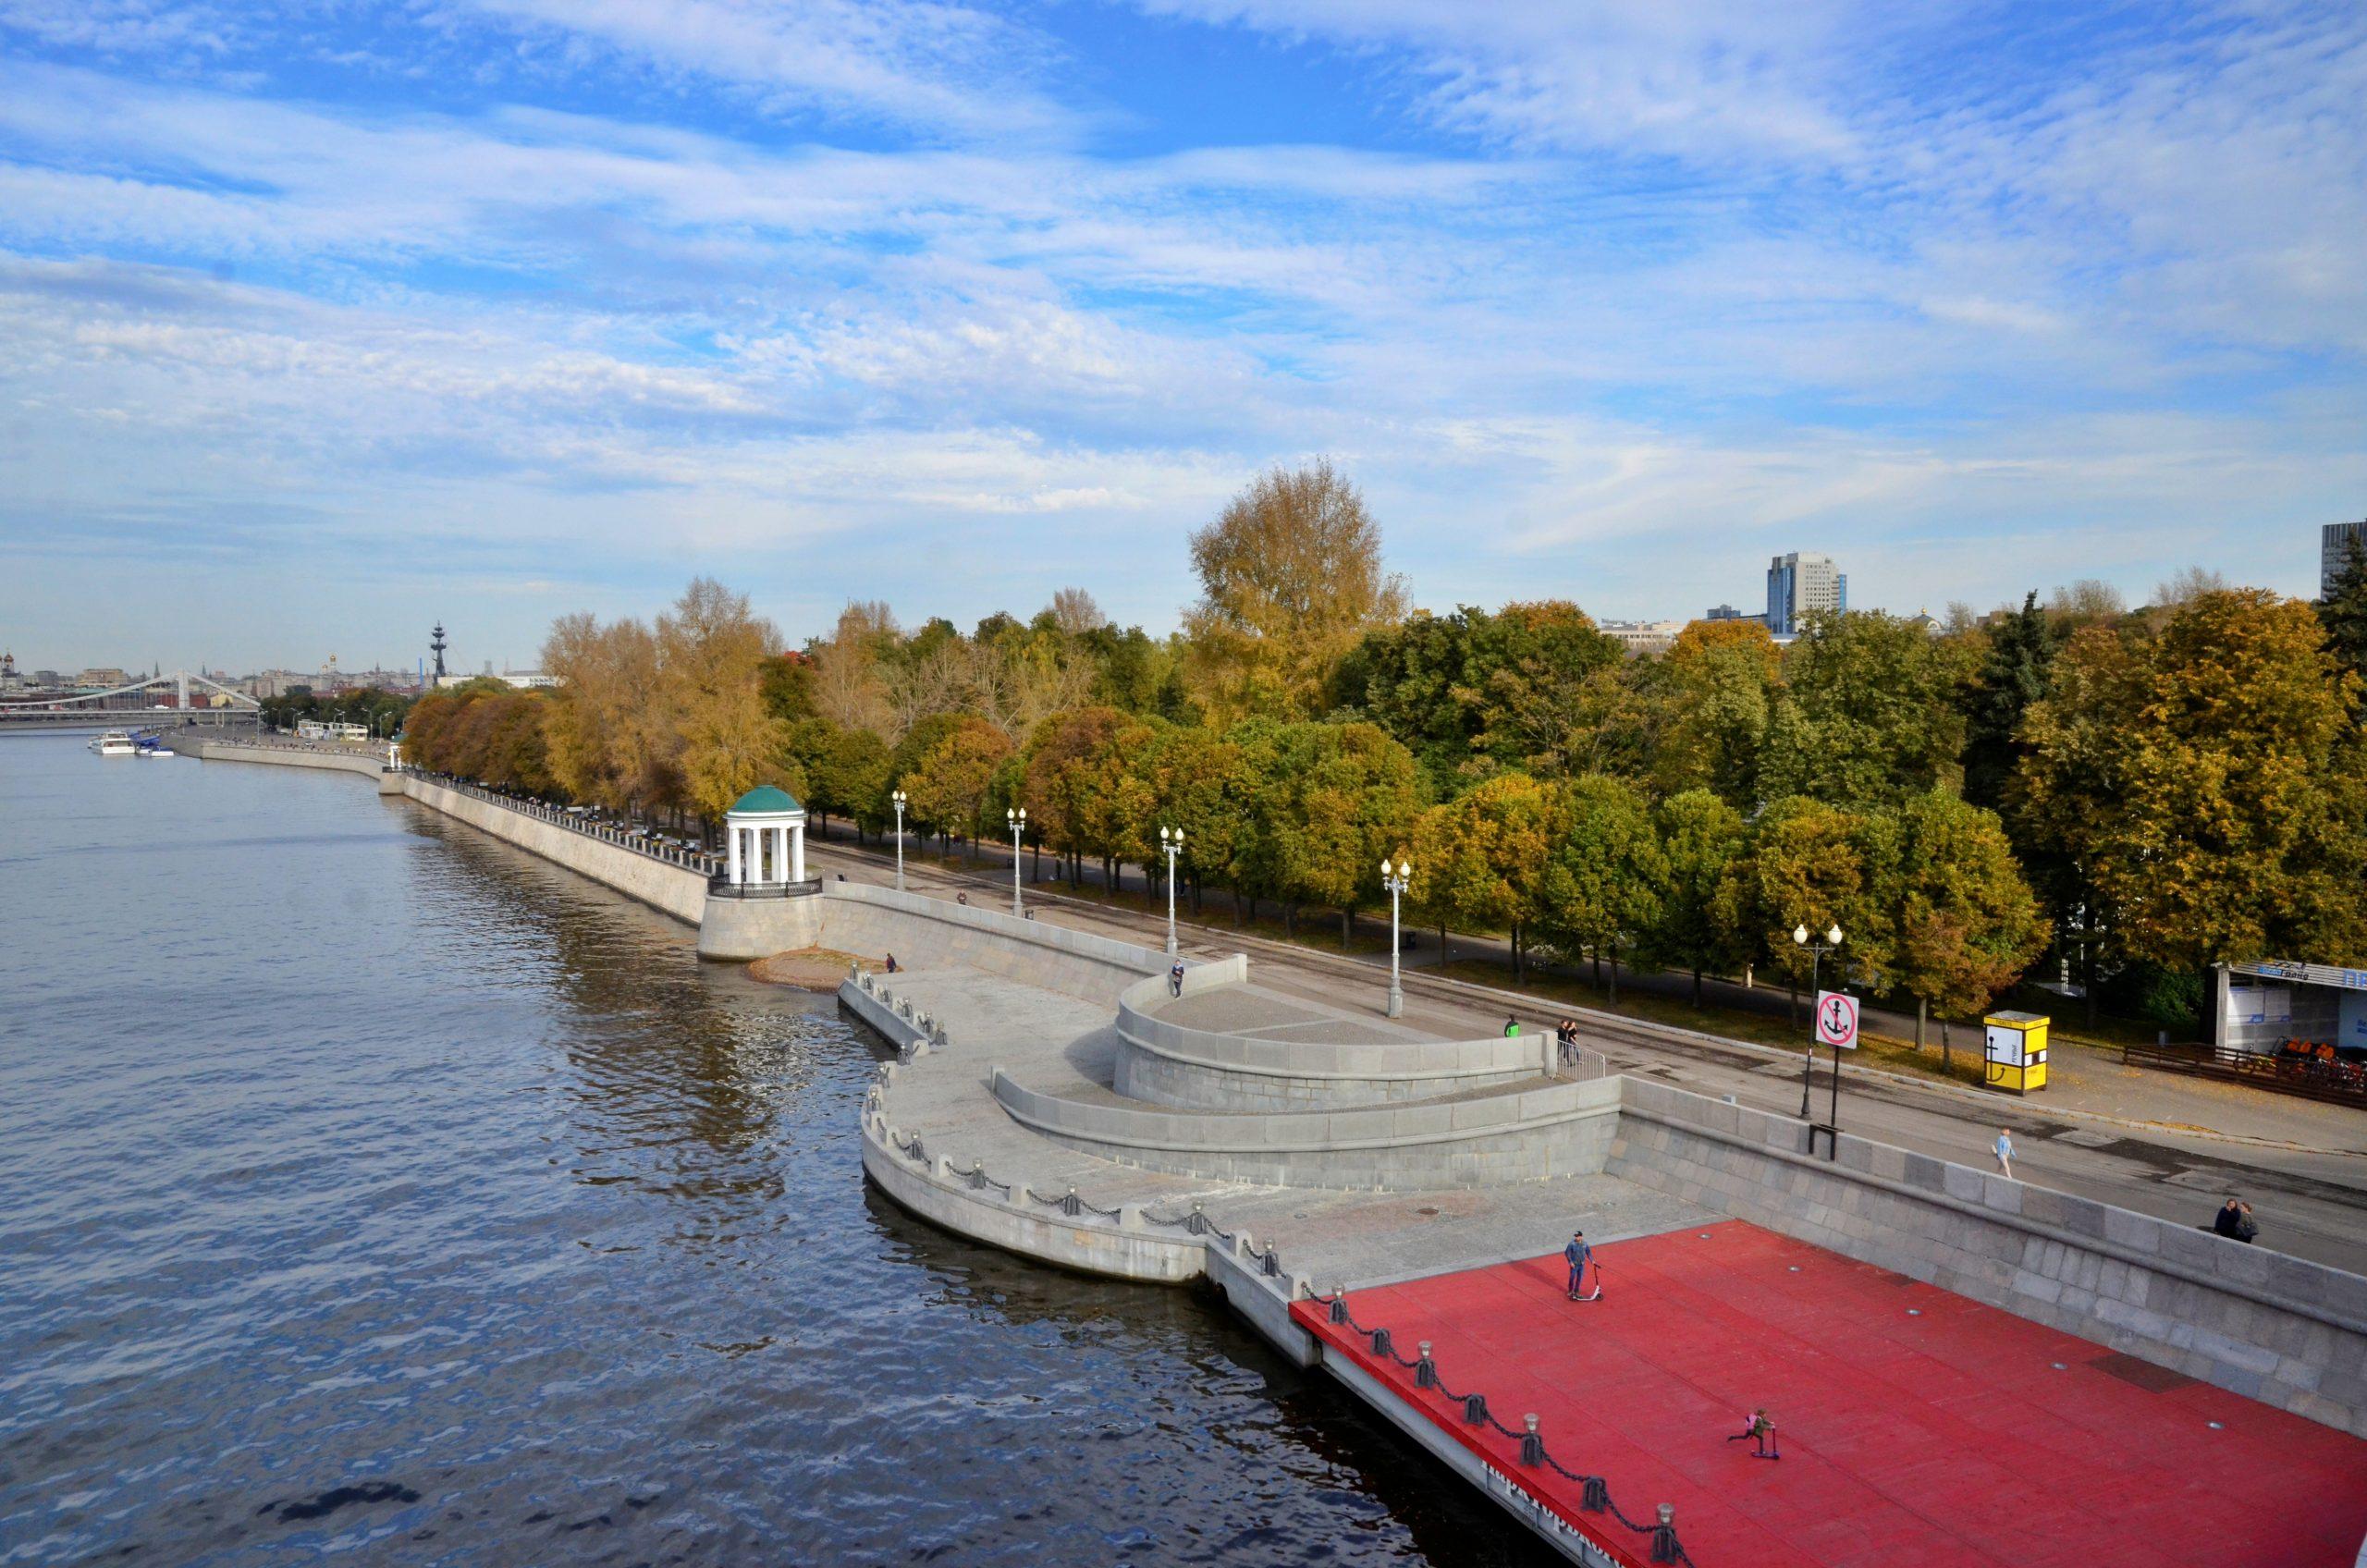 Жителей столицы ожидает прохладная погода в Москве